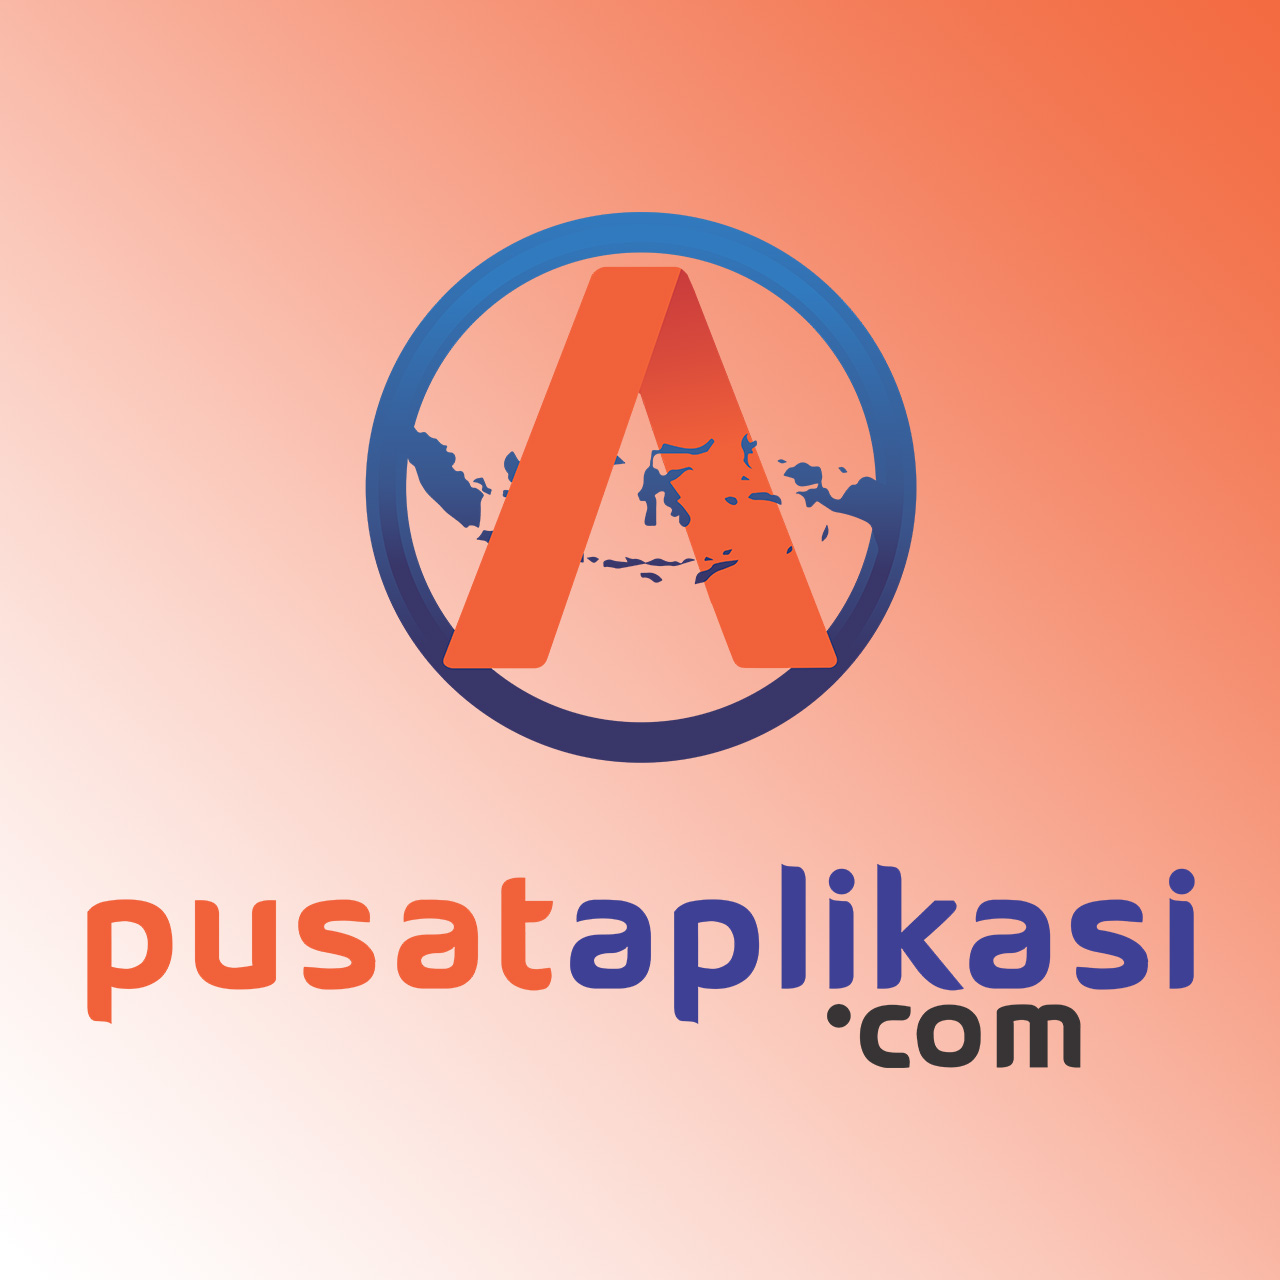 logo_pusataplikasi_pusat_pembuatan_aplikasi